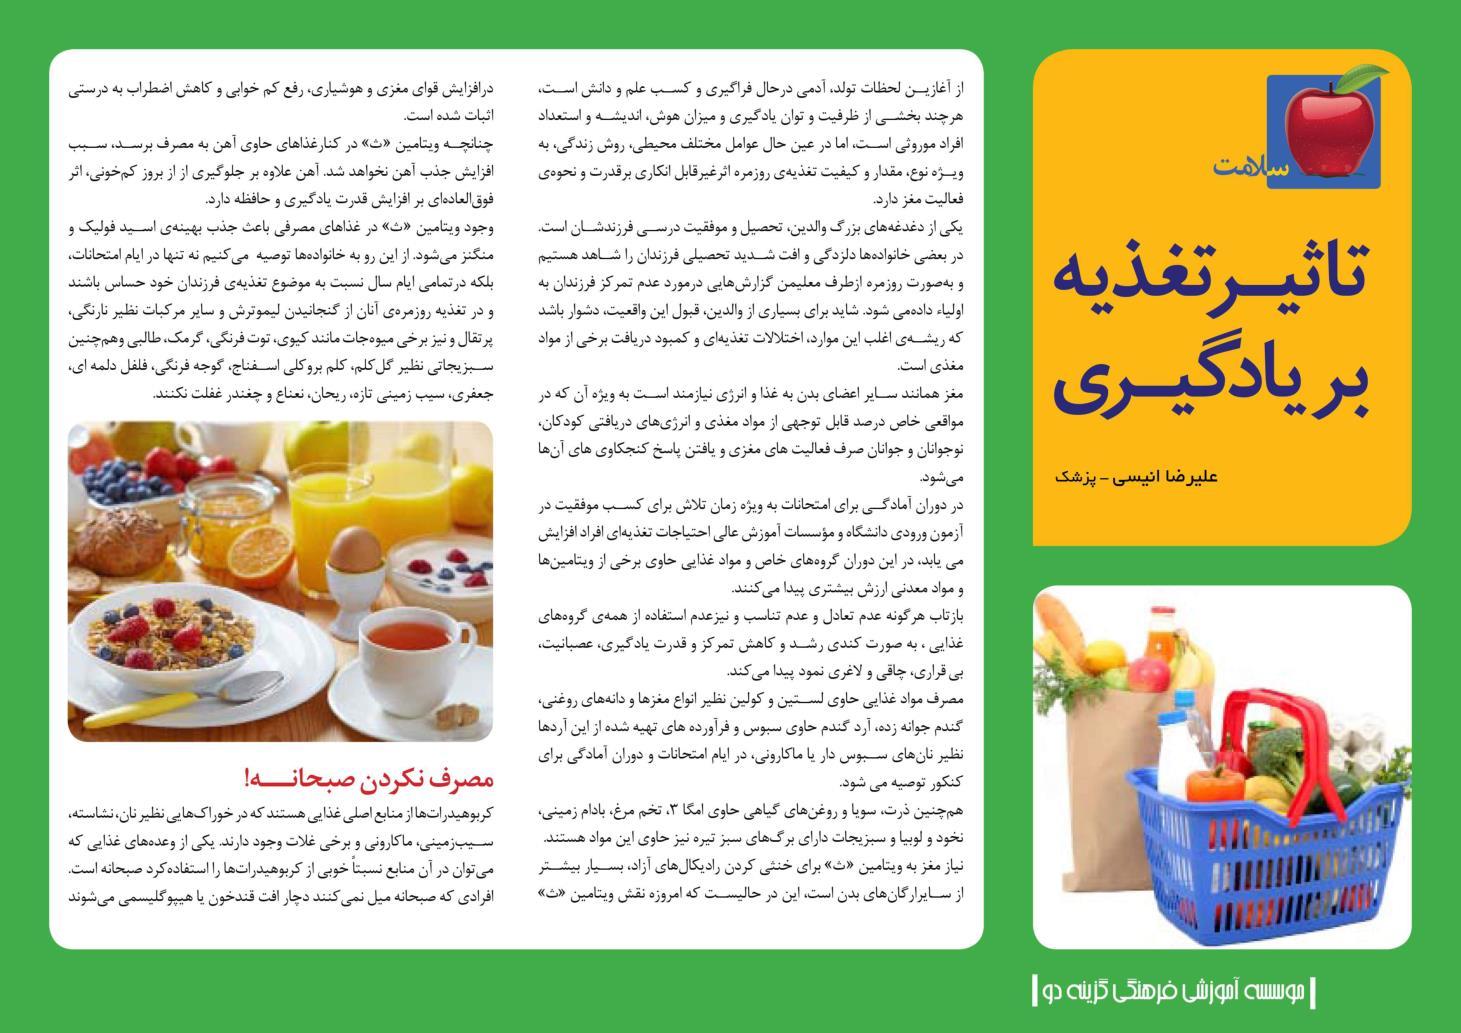 تاثیر تغذیه بر یادگیری (PDF)